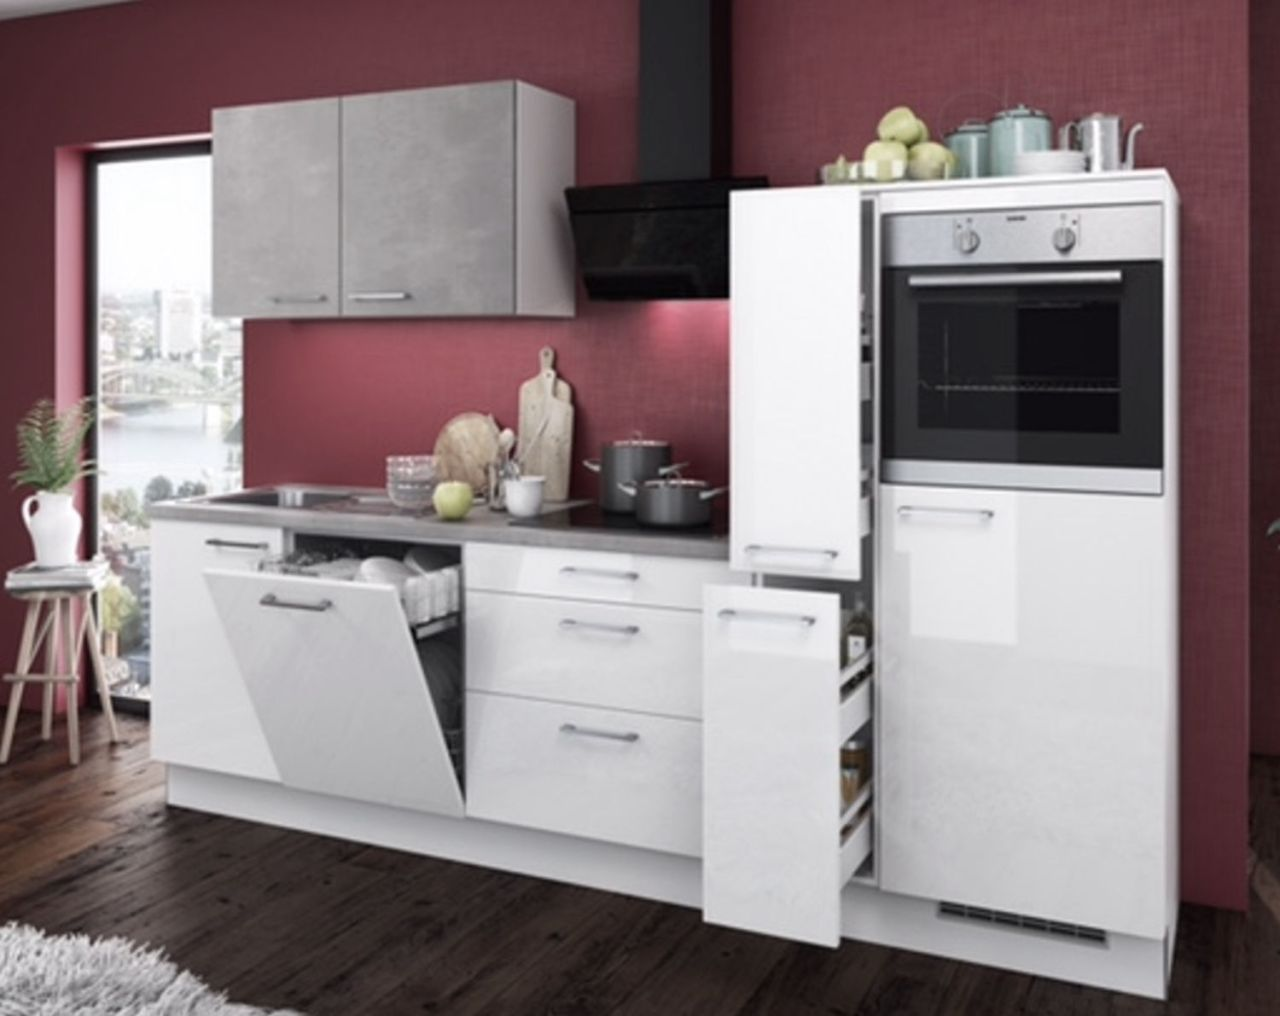 Einbauküchen - Einbauküche MANKAGLOSS 7 in Weiß Hochglanz Beton Küchenzeile 310 cm  - Onlineshop Manka Möbel